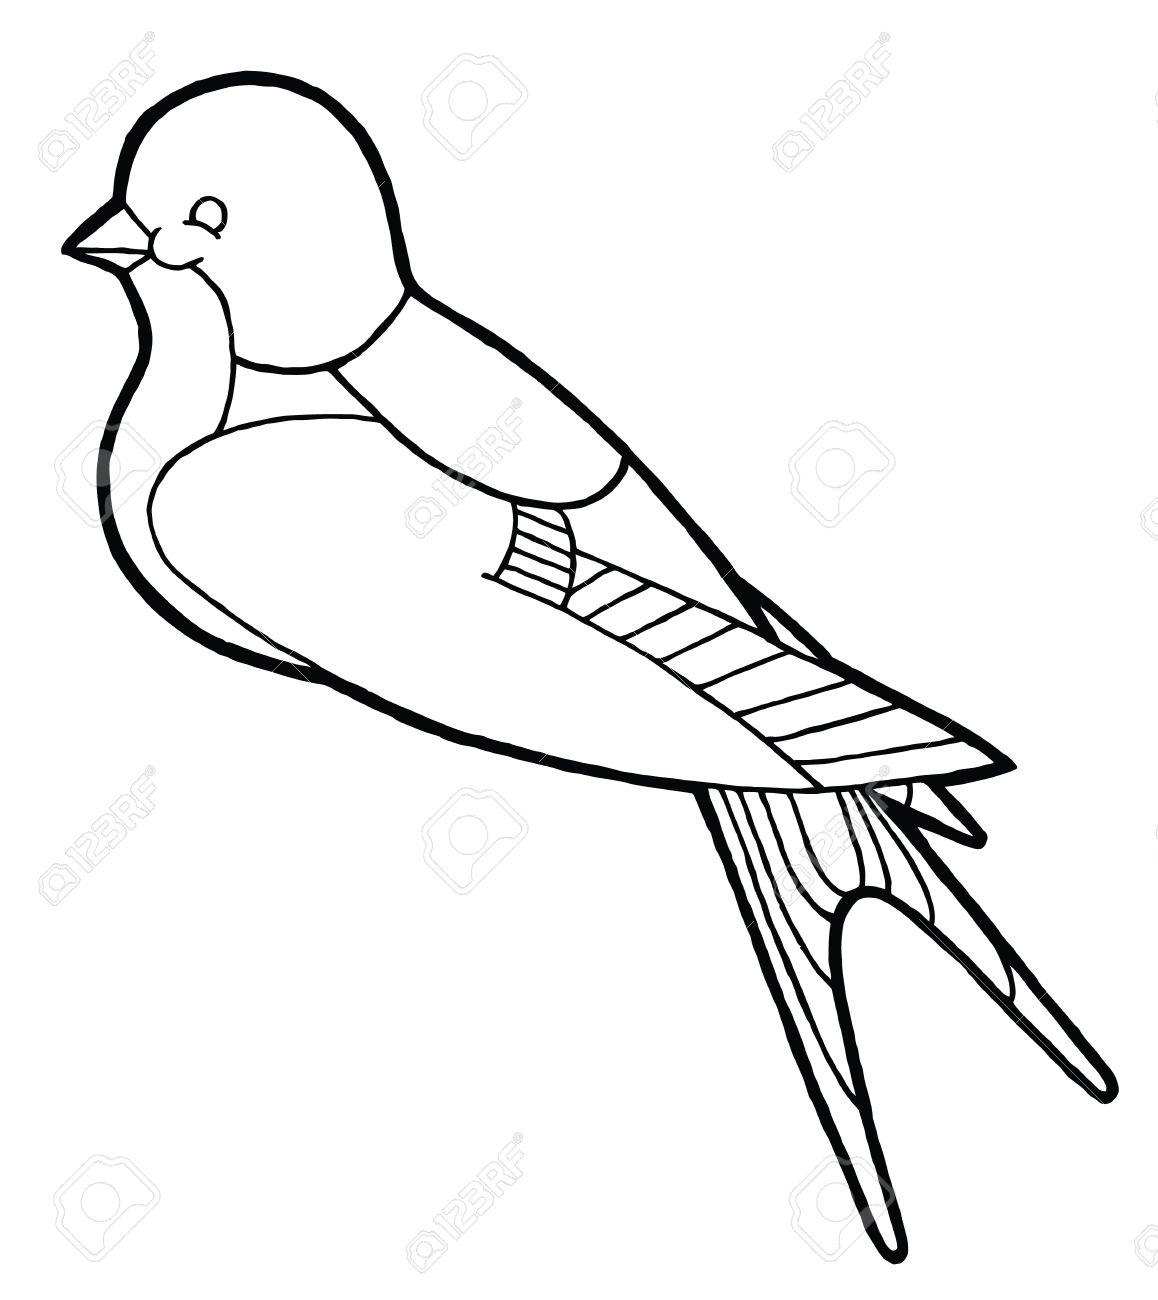 Contour Dessin A La Main Hirondelle Vecteur Noir Et Blanc Pour Livre De Coloriage Clip Art Libres De Droits Vecteurs Et Illustration Image 51172685